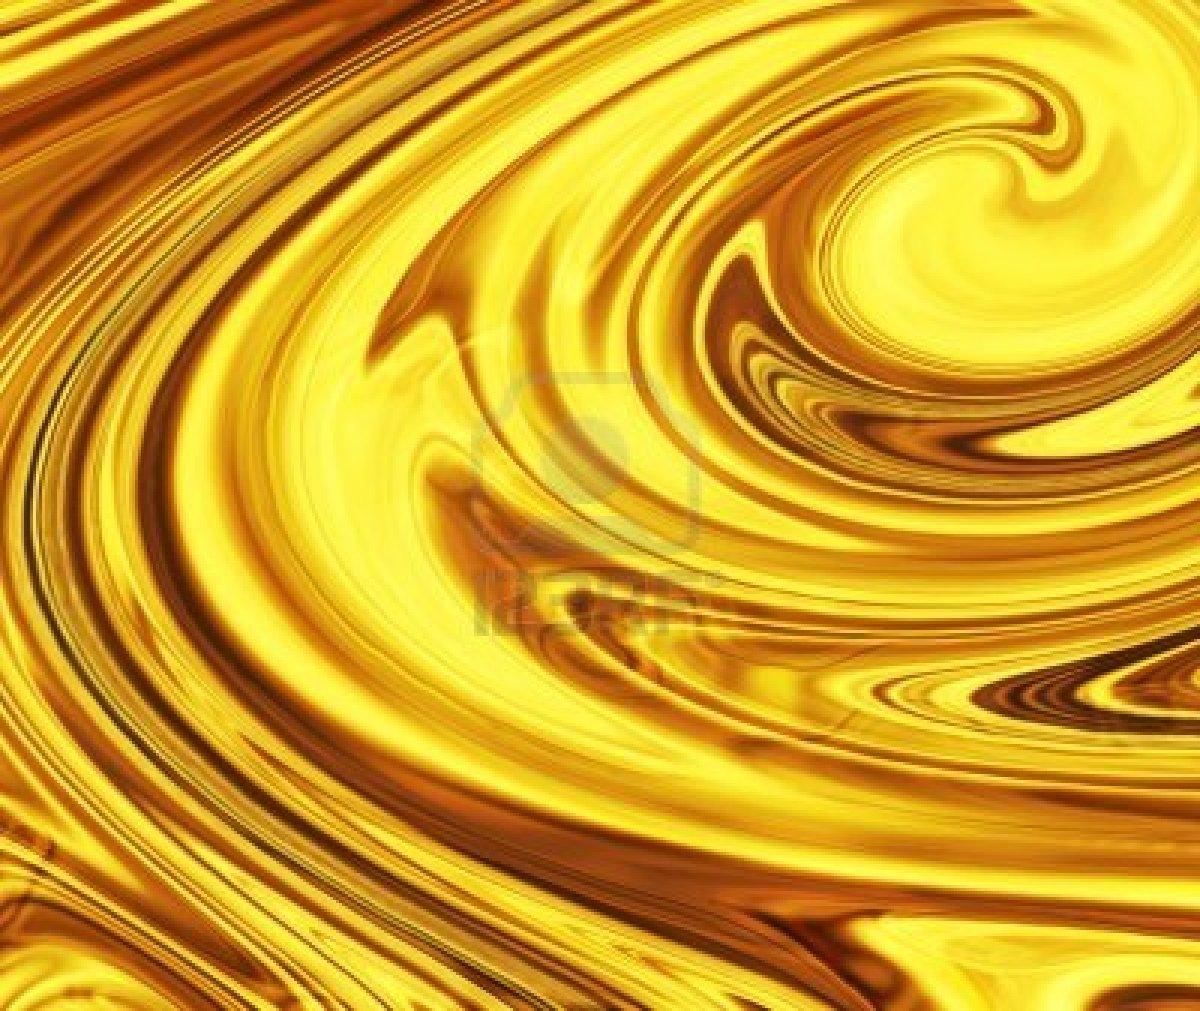 Gold Liquid Dye : Ngwikom gold mine